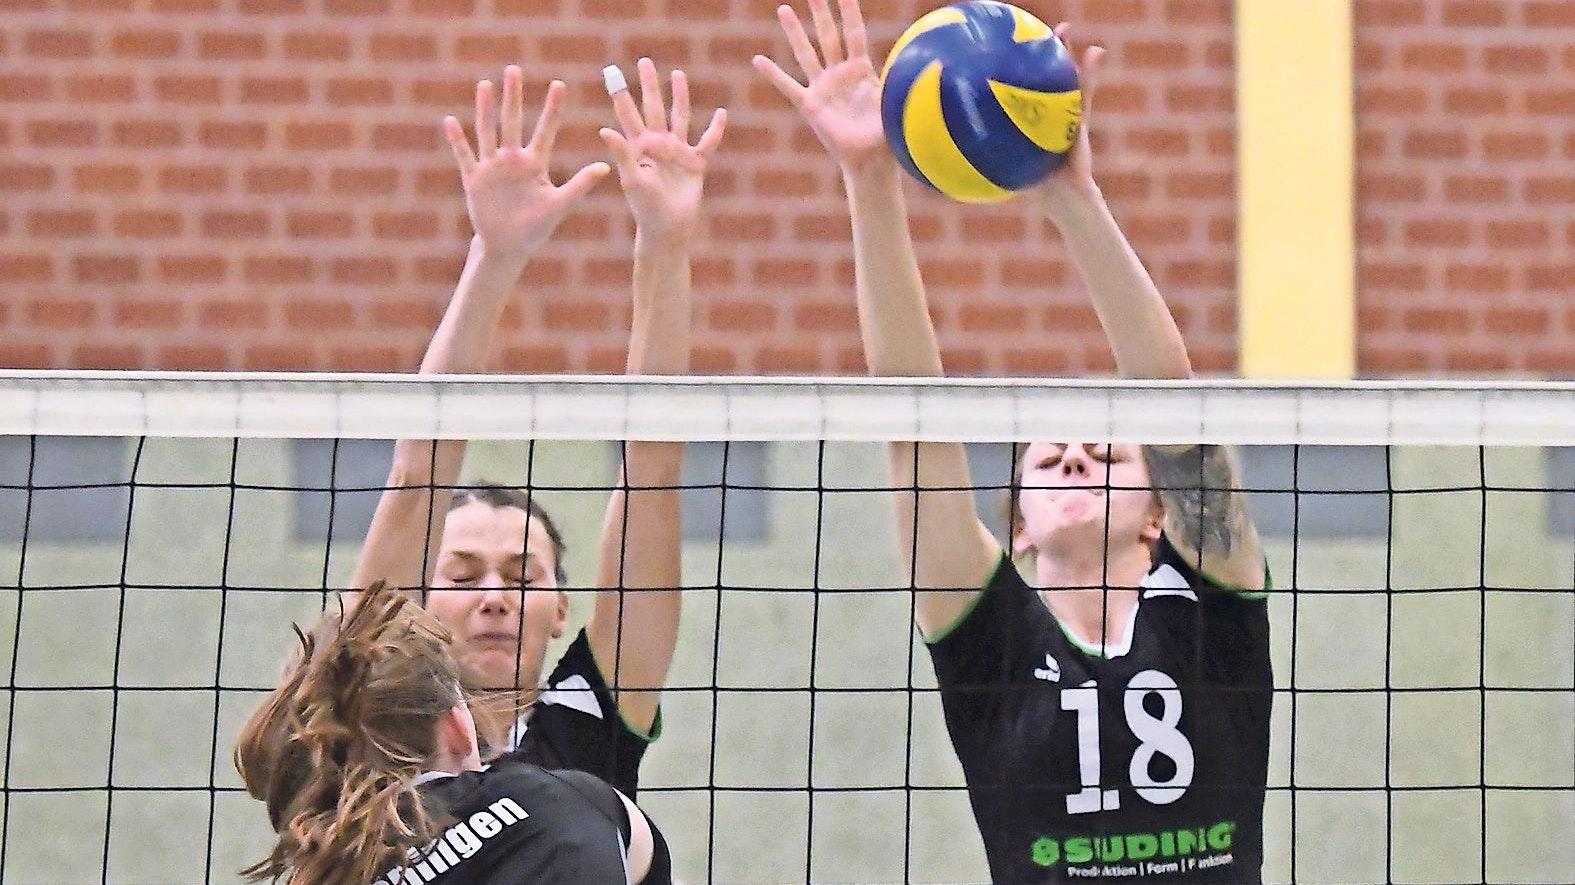 Derby: Das kreisinterne Kräftemessen zwischen dem SV Cappeln (rechts: Judith Theilmann neben Hannah Thunert) gegen Löningen (hier Carina Blankmann) gibt es in dieser Saison nur  im Pokal. In der Verbandsliga spielen die Teams in verschiedenen Staffeln. Foto: Wulfers